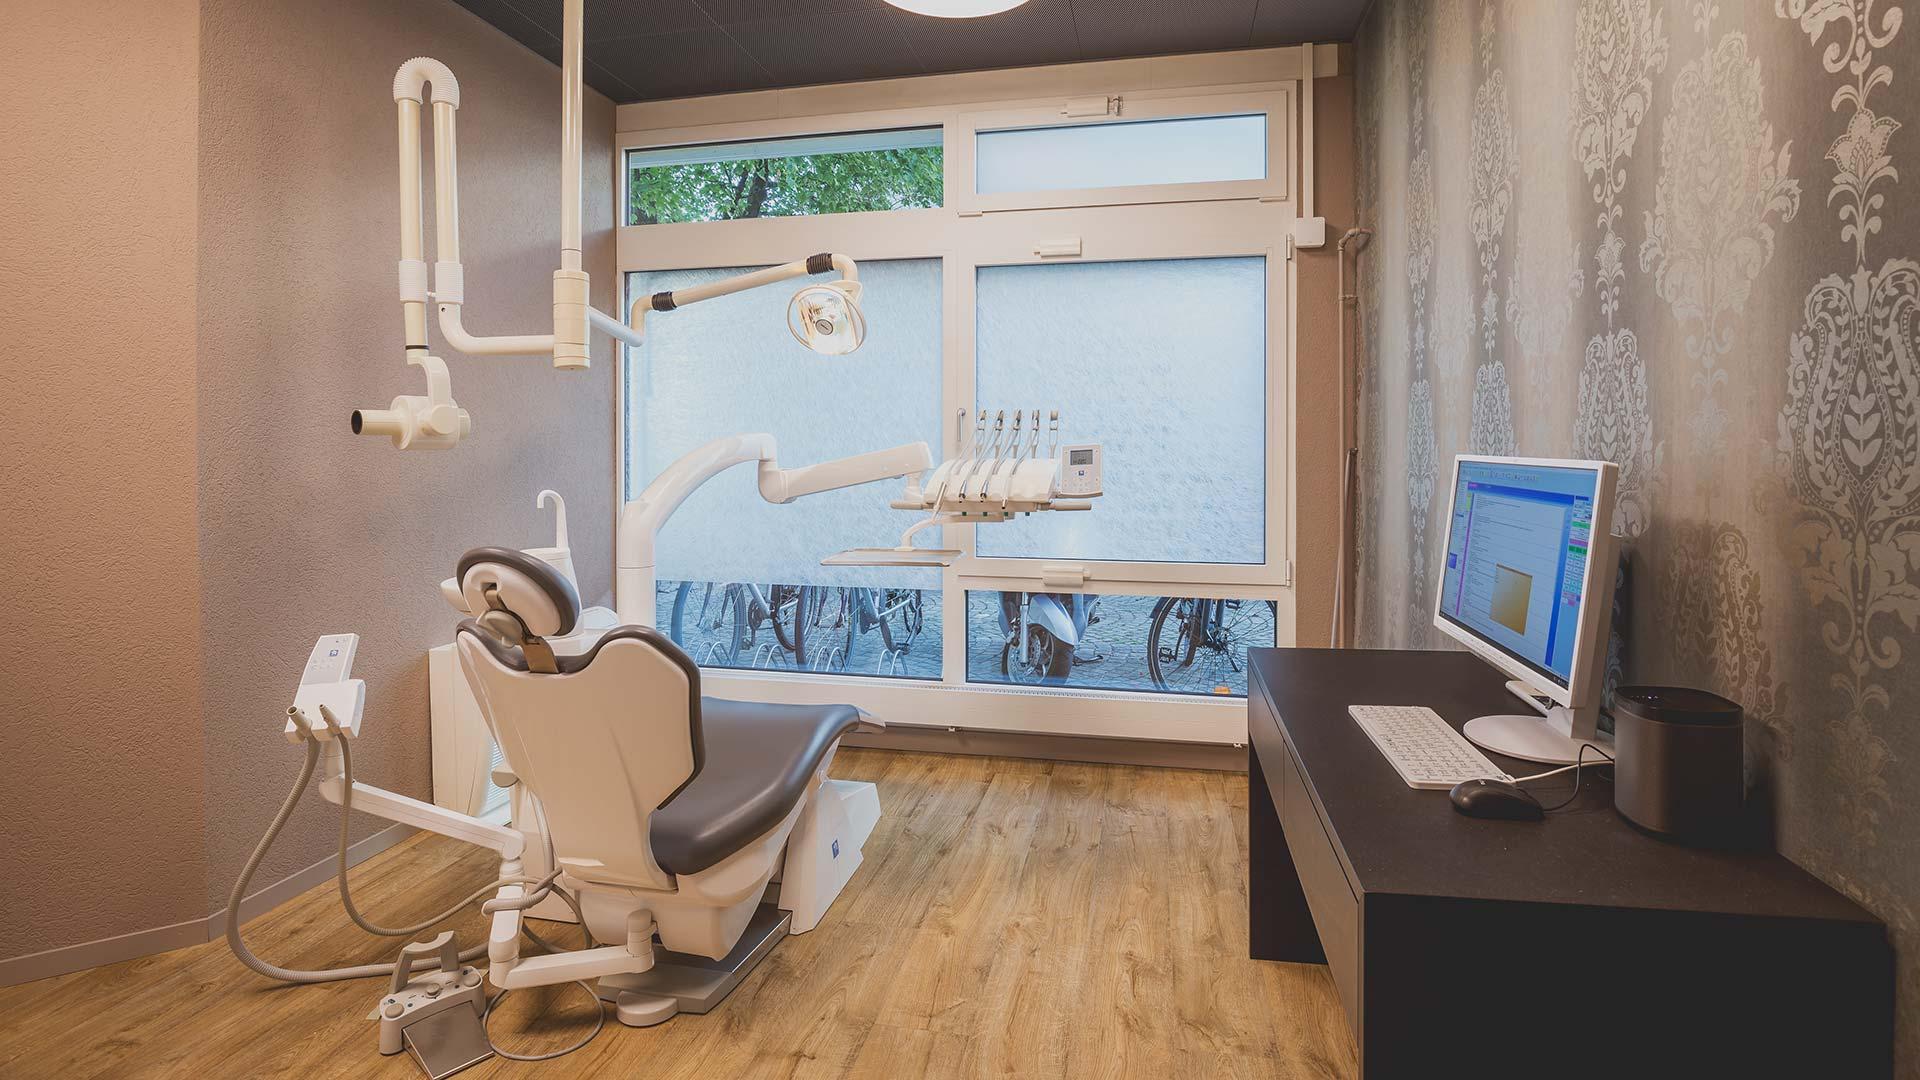 Heierle Oertig Zahnarztpraxis Behandlungszimmer Eingang